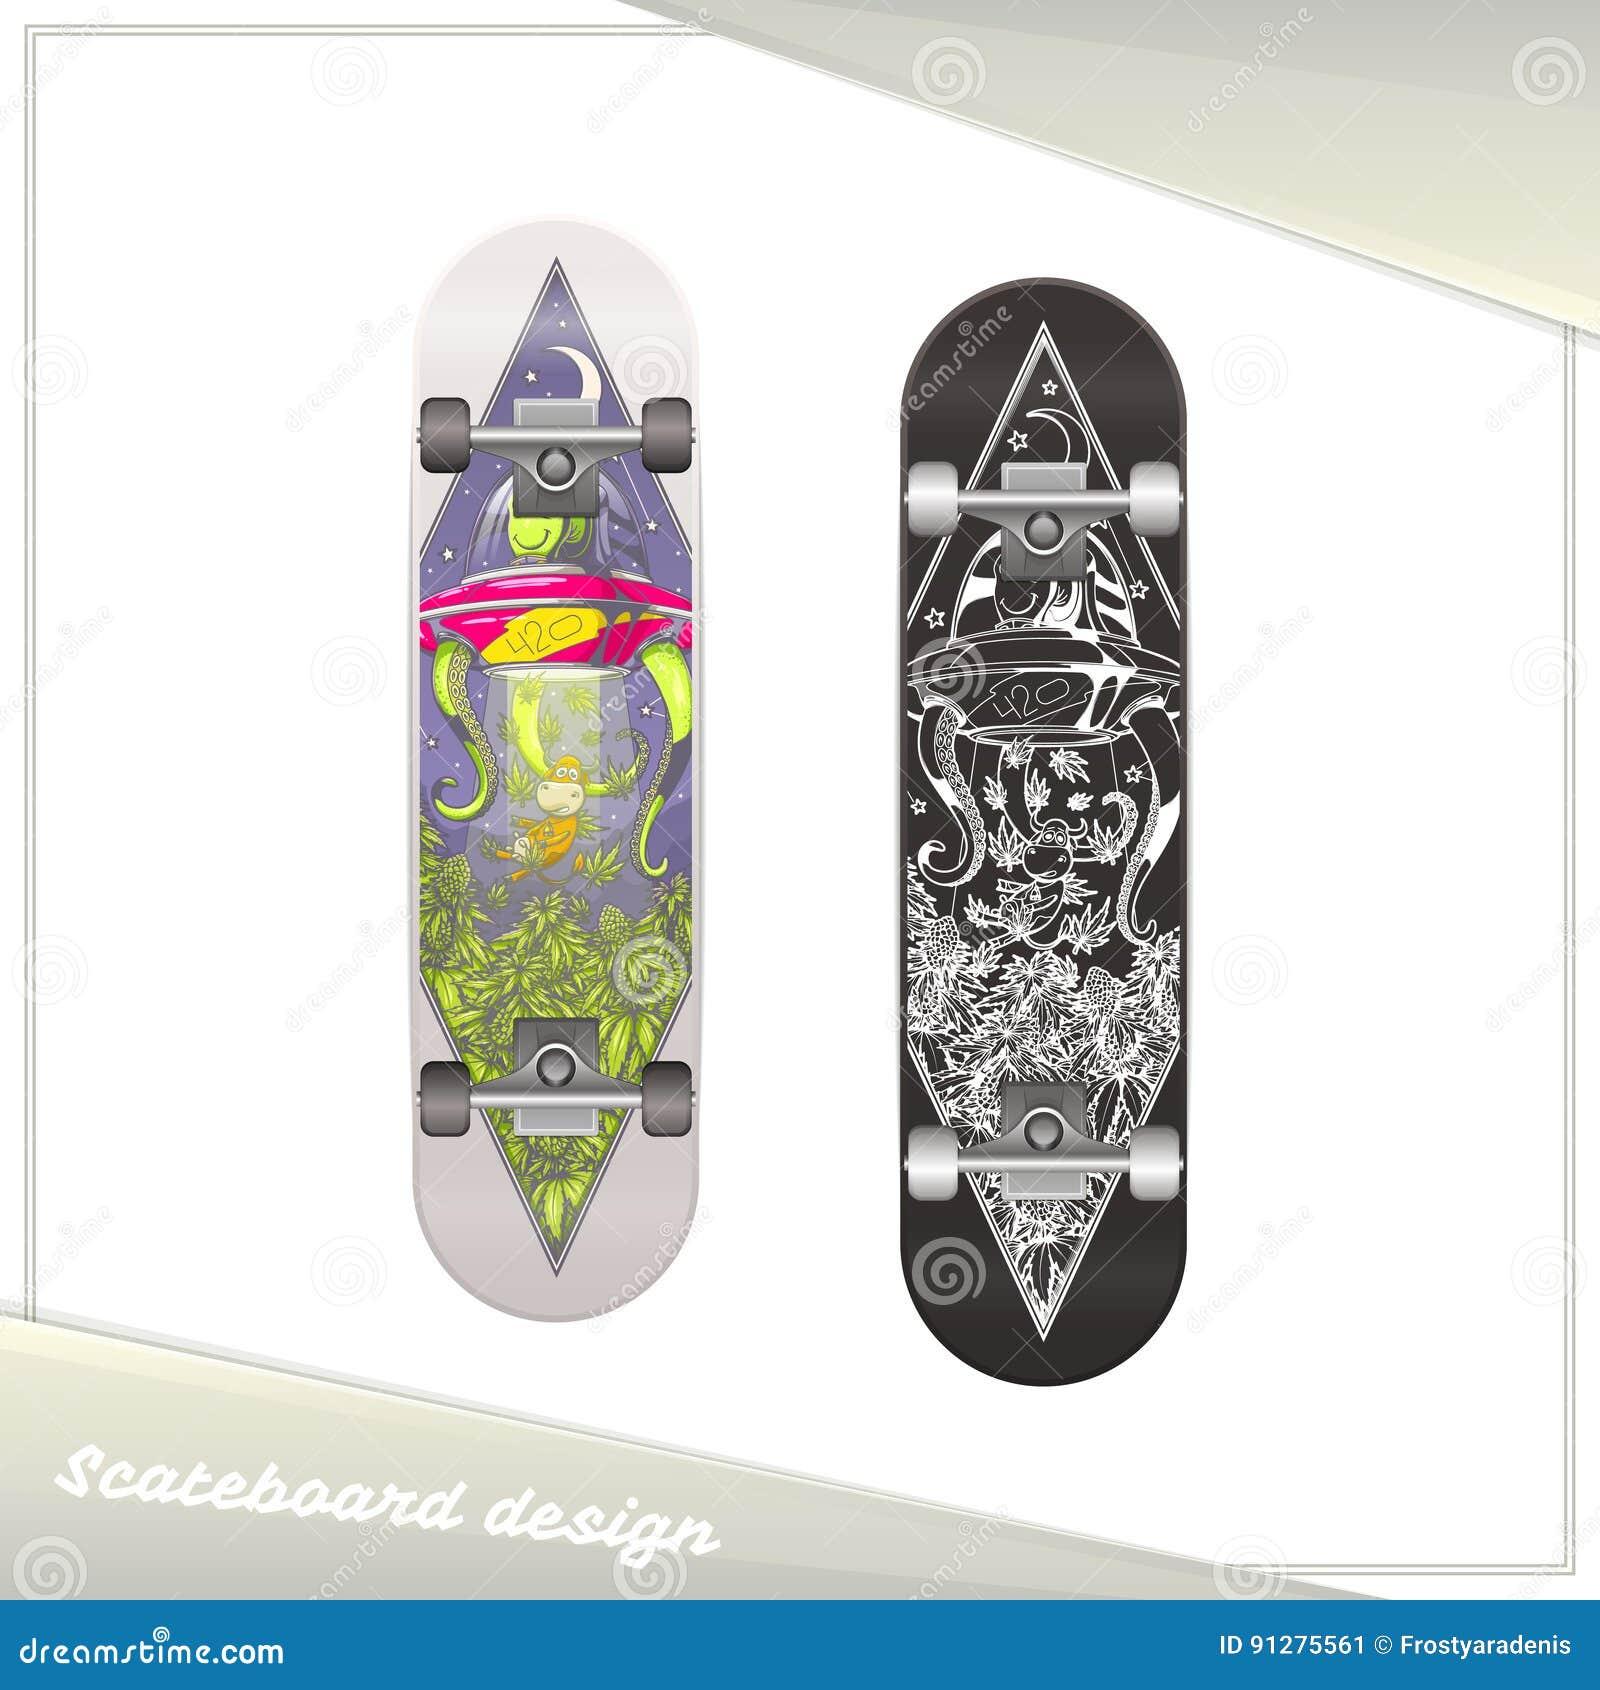 Främmande skateboarddesign